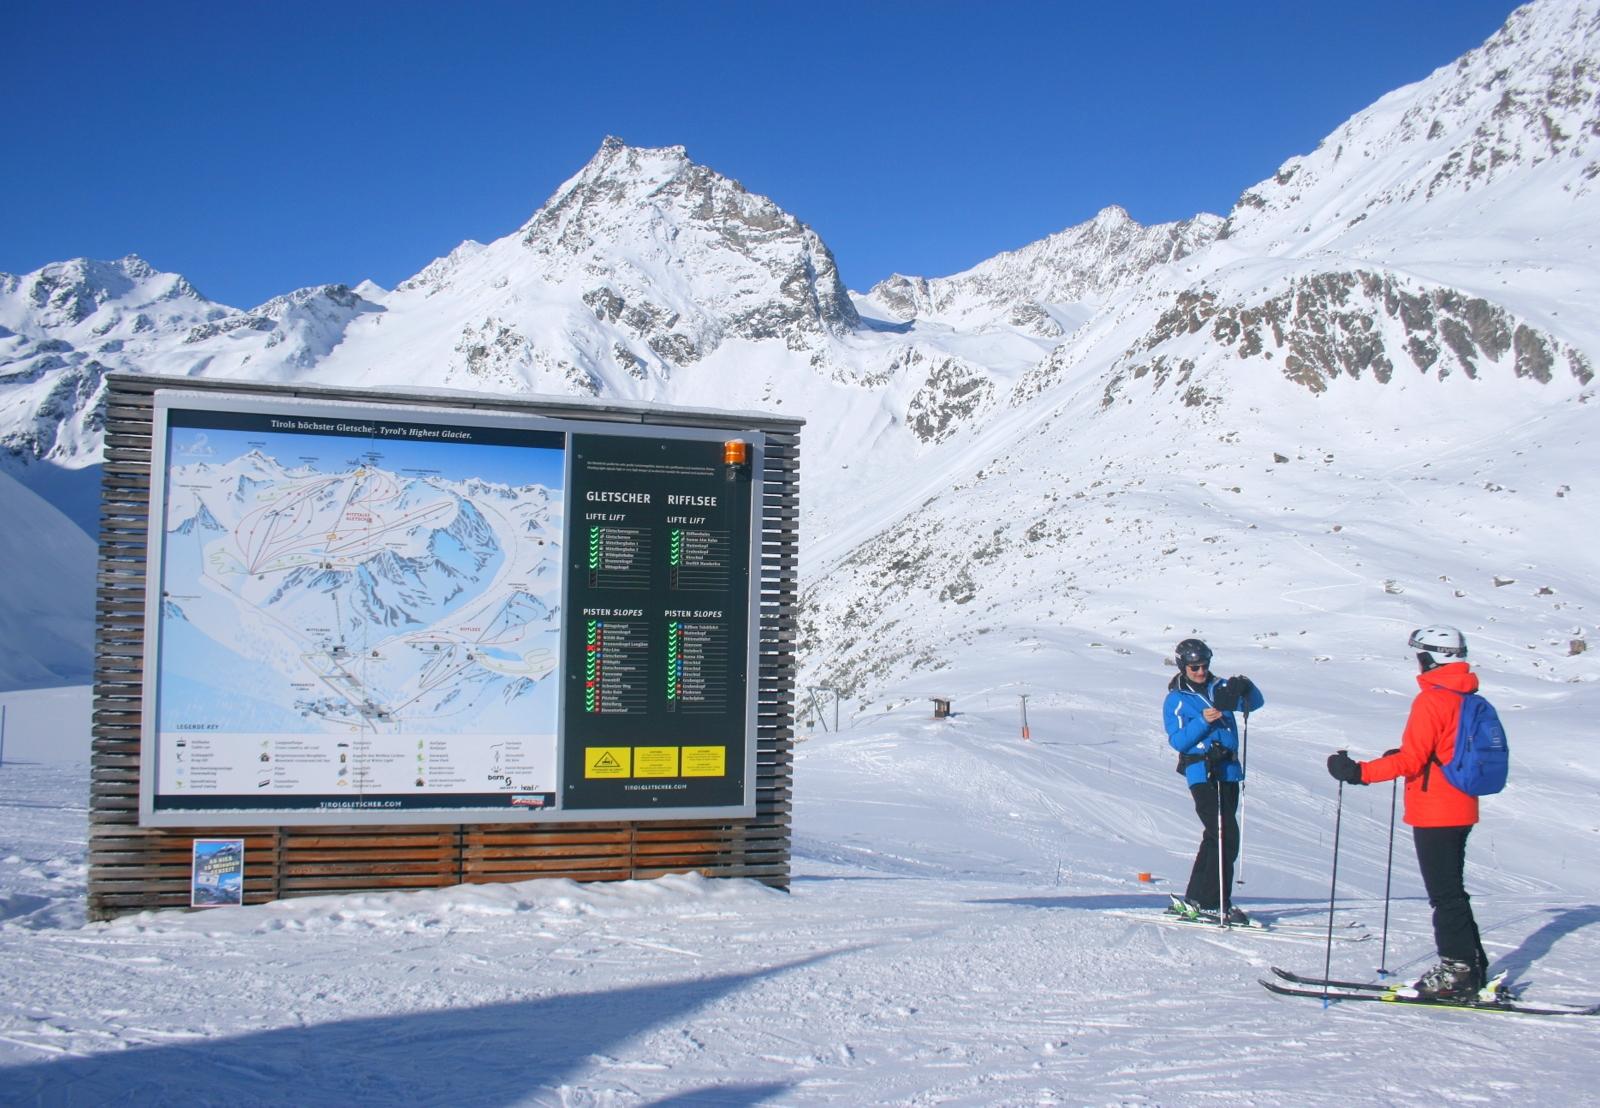 Stacje narciarskie w Austrii otworzą się być może po 7 stycznia